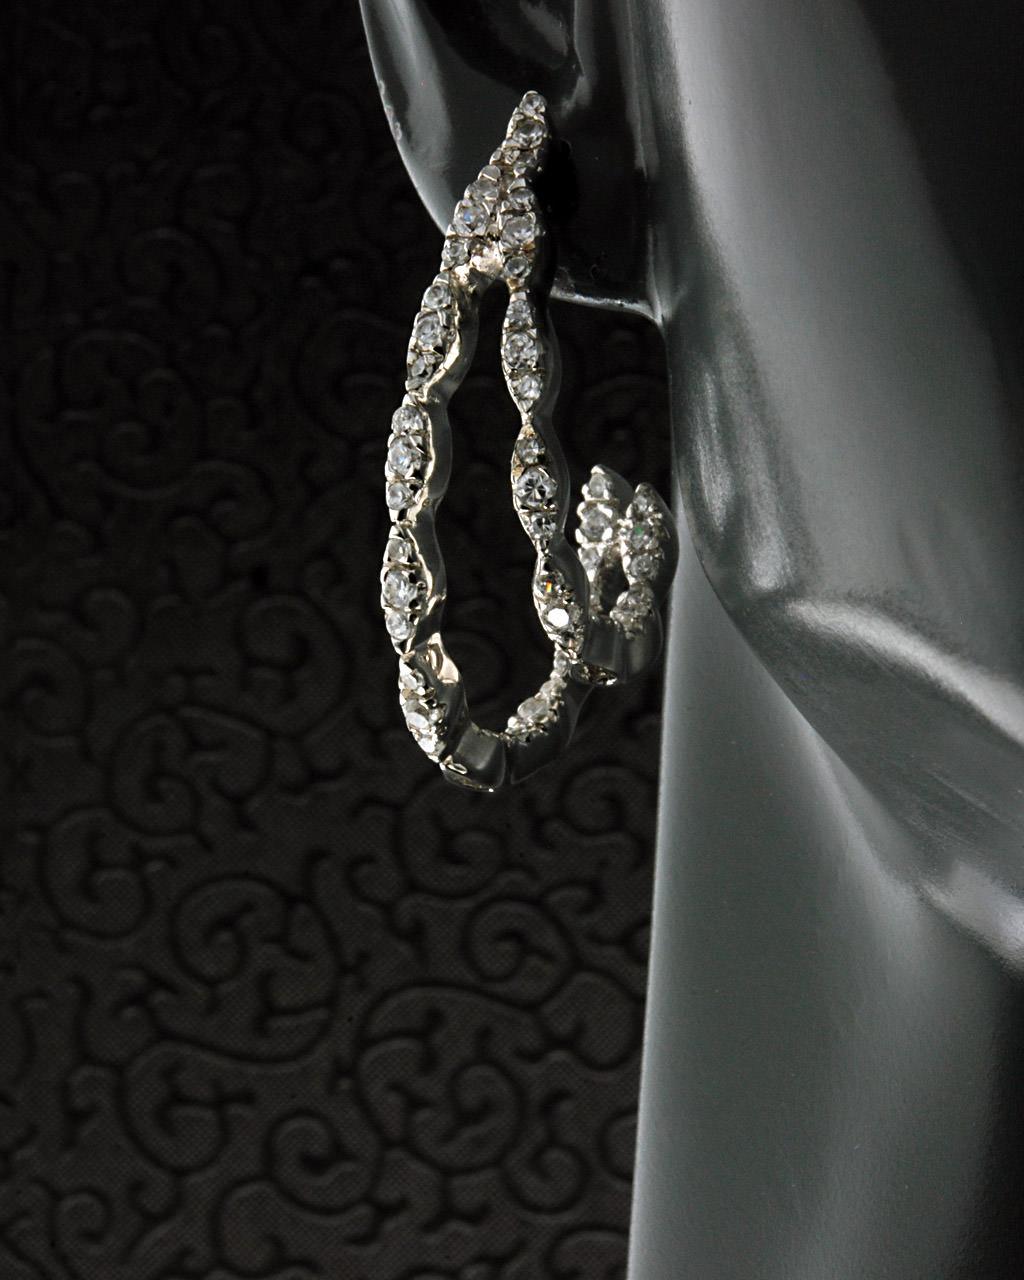 Σκουλαρίκια Κρίκοι ασημένια 925 με Ζιργκόν   γυναικα σκουλαρίκια σκουλαρίκια κρίκοι